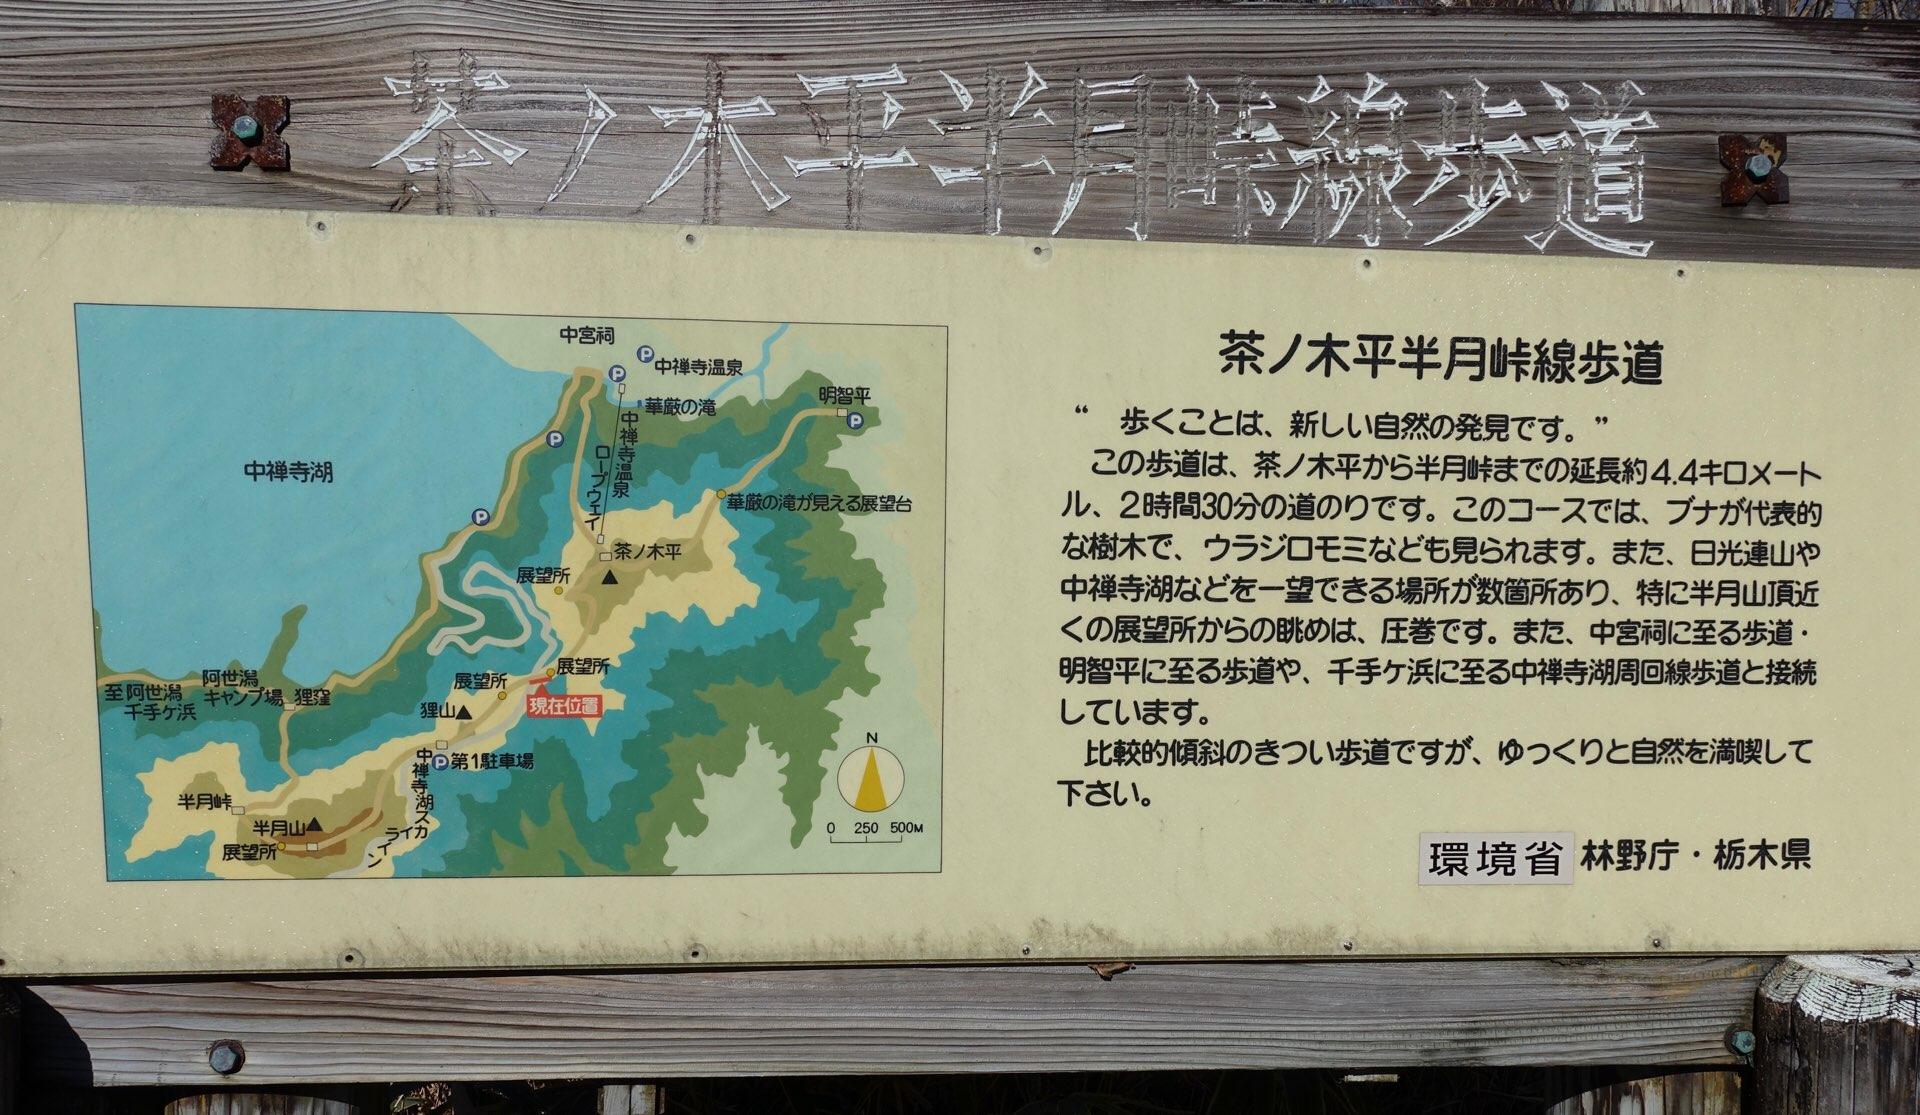 気になっていた茶ノ木平遊歩道にチャレンジしてきました